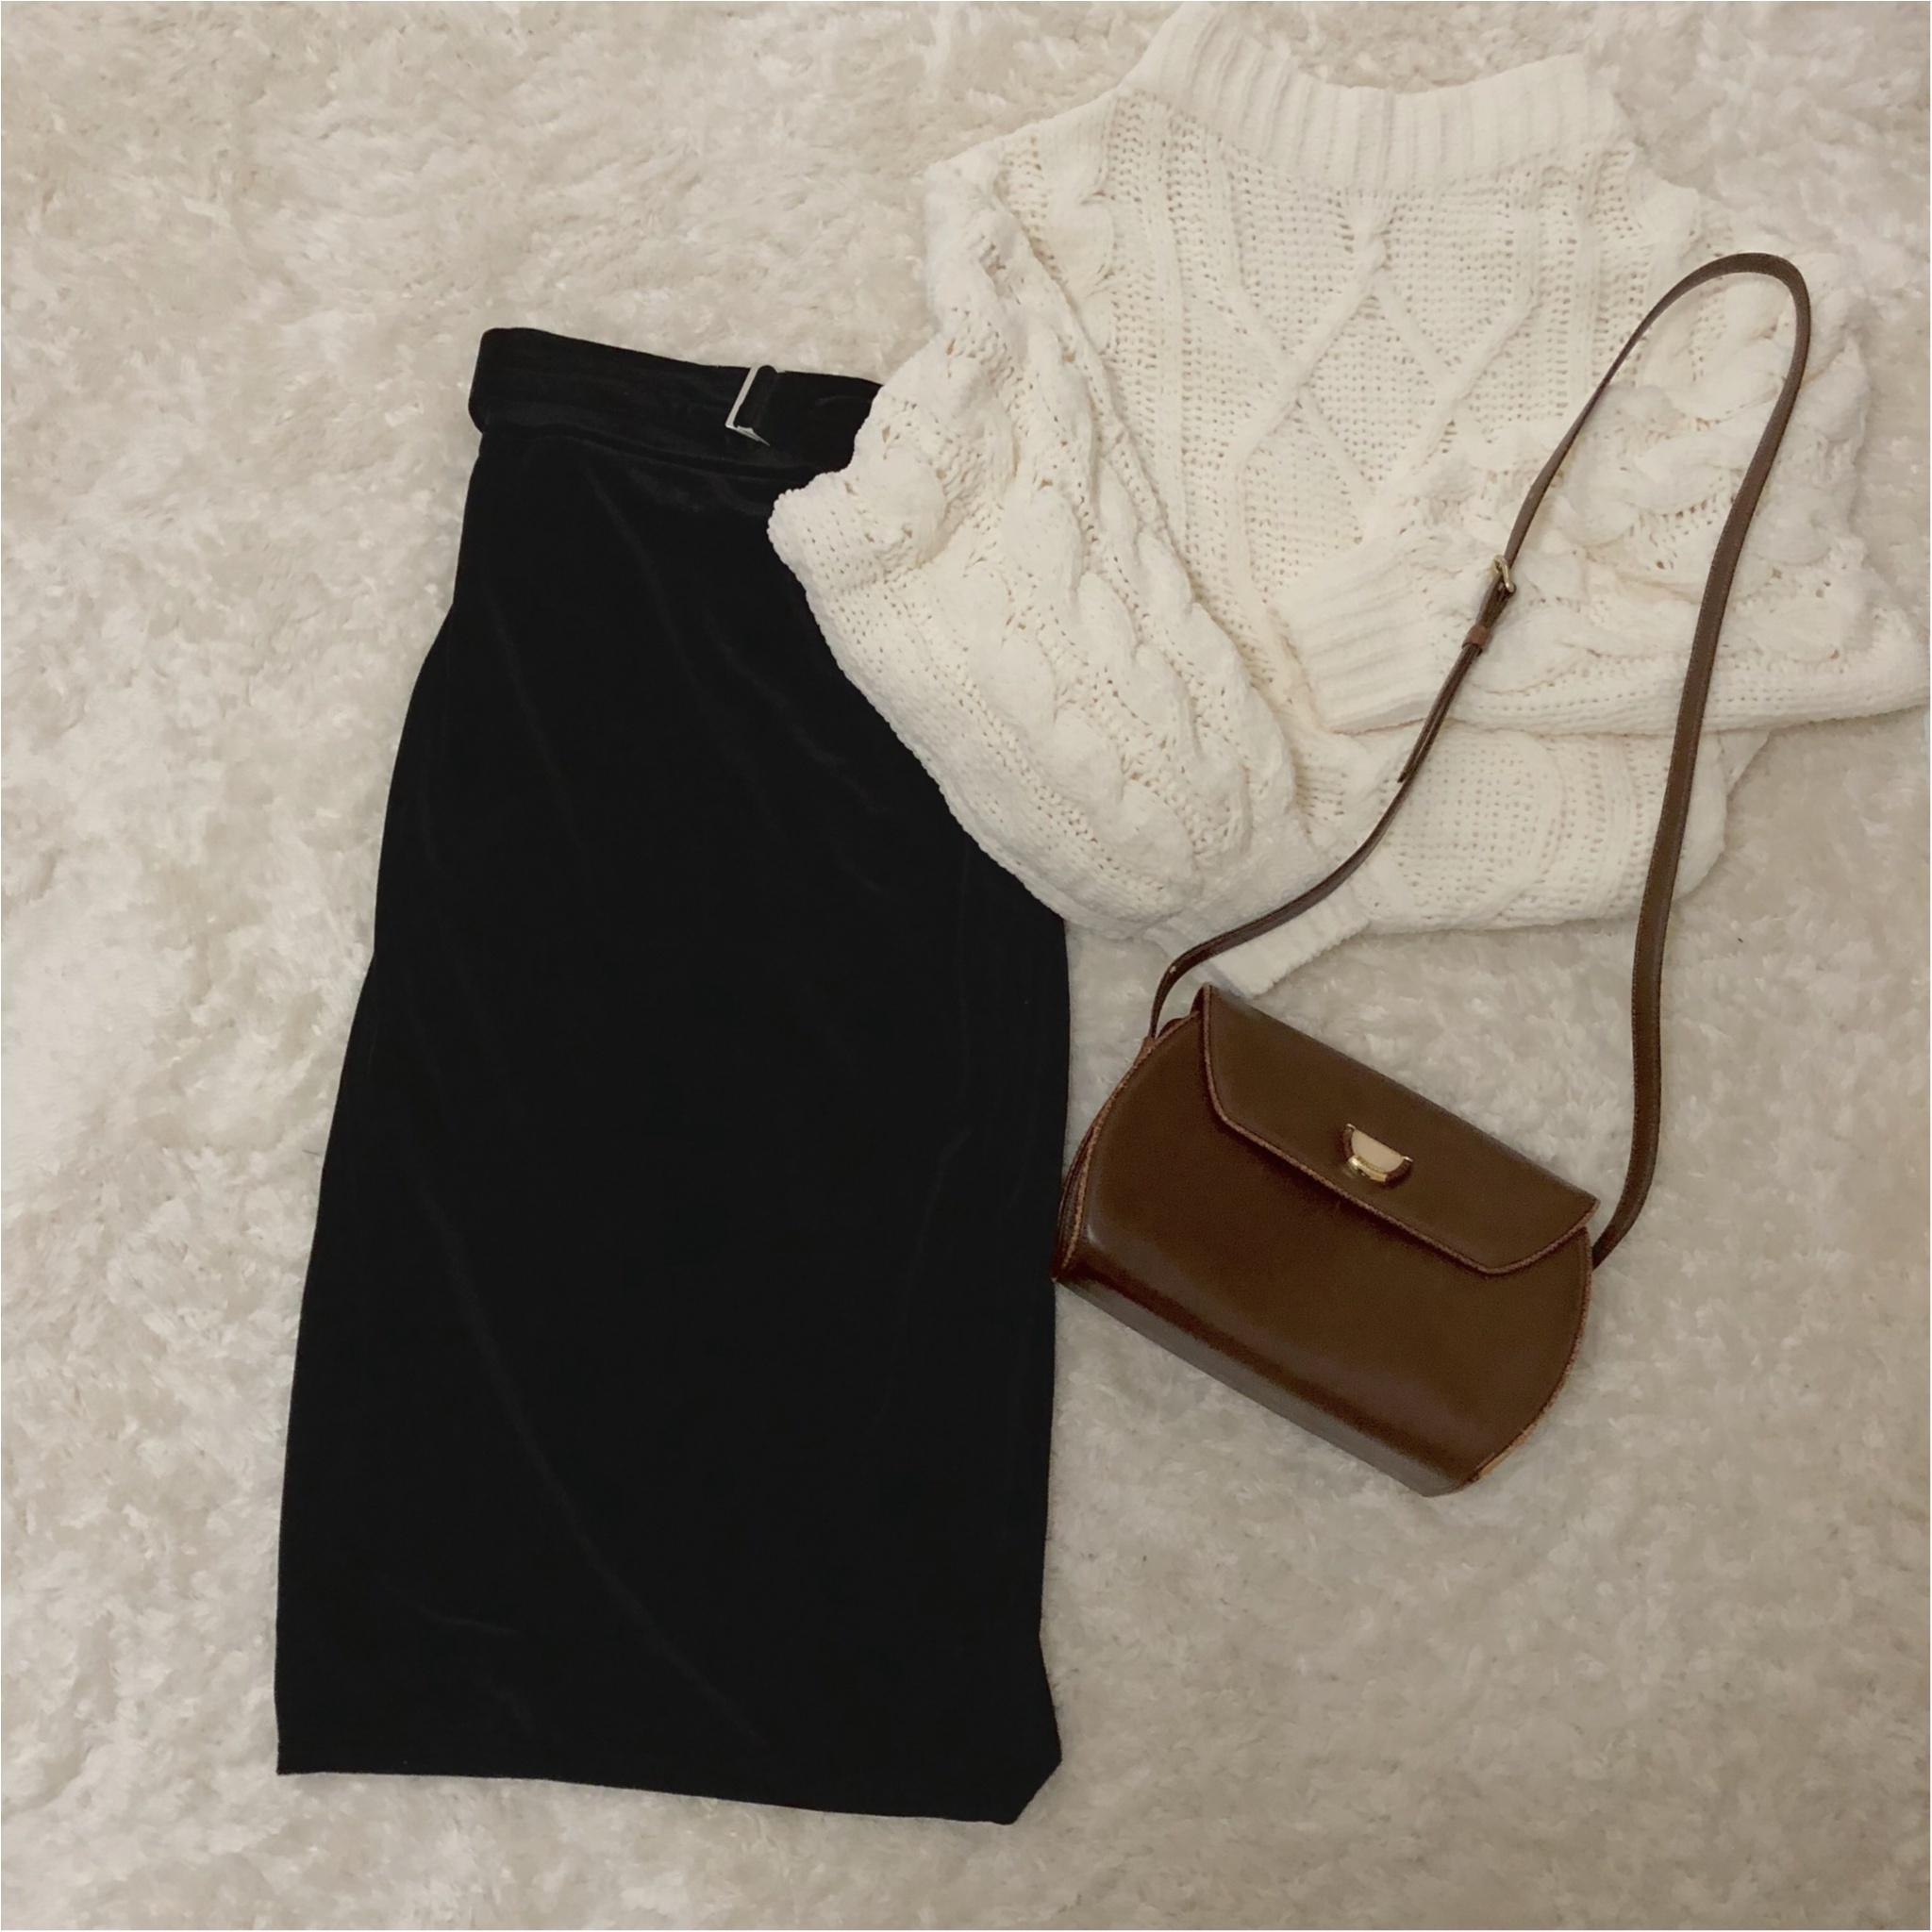 形が可愛い♡Knitが1990円?!冬のニットは【GU】で♡ ベロア素材のタイトスカートもプチプラ価格。_4